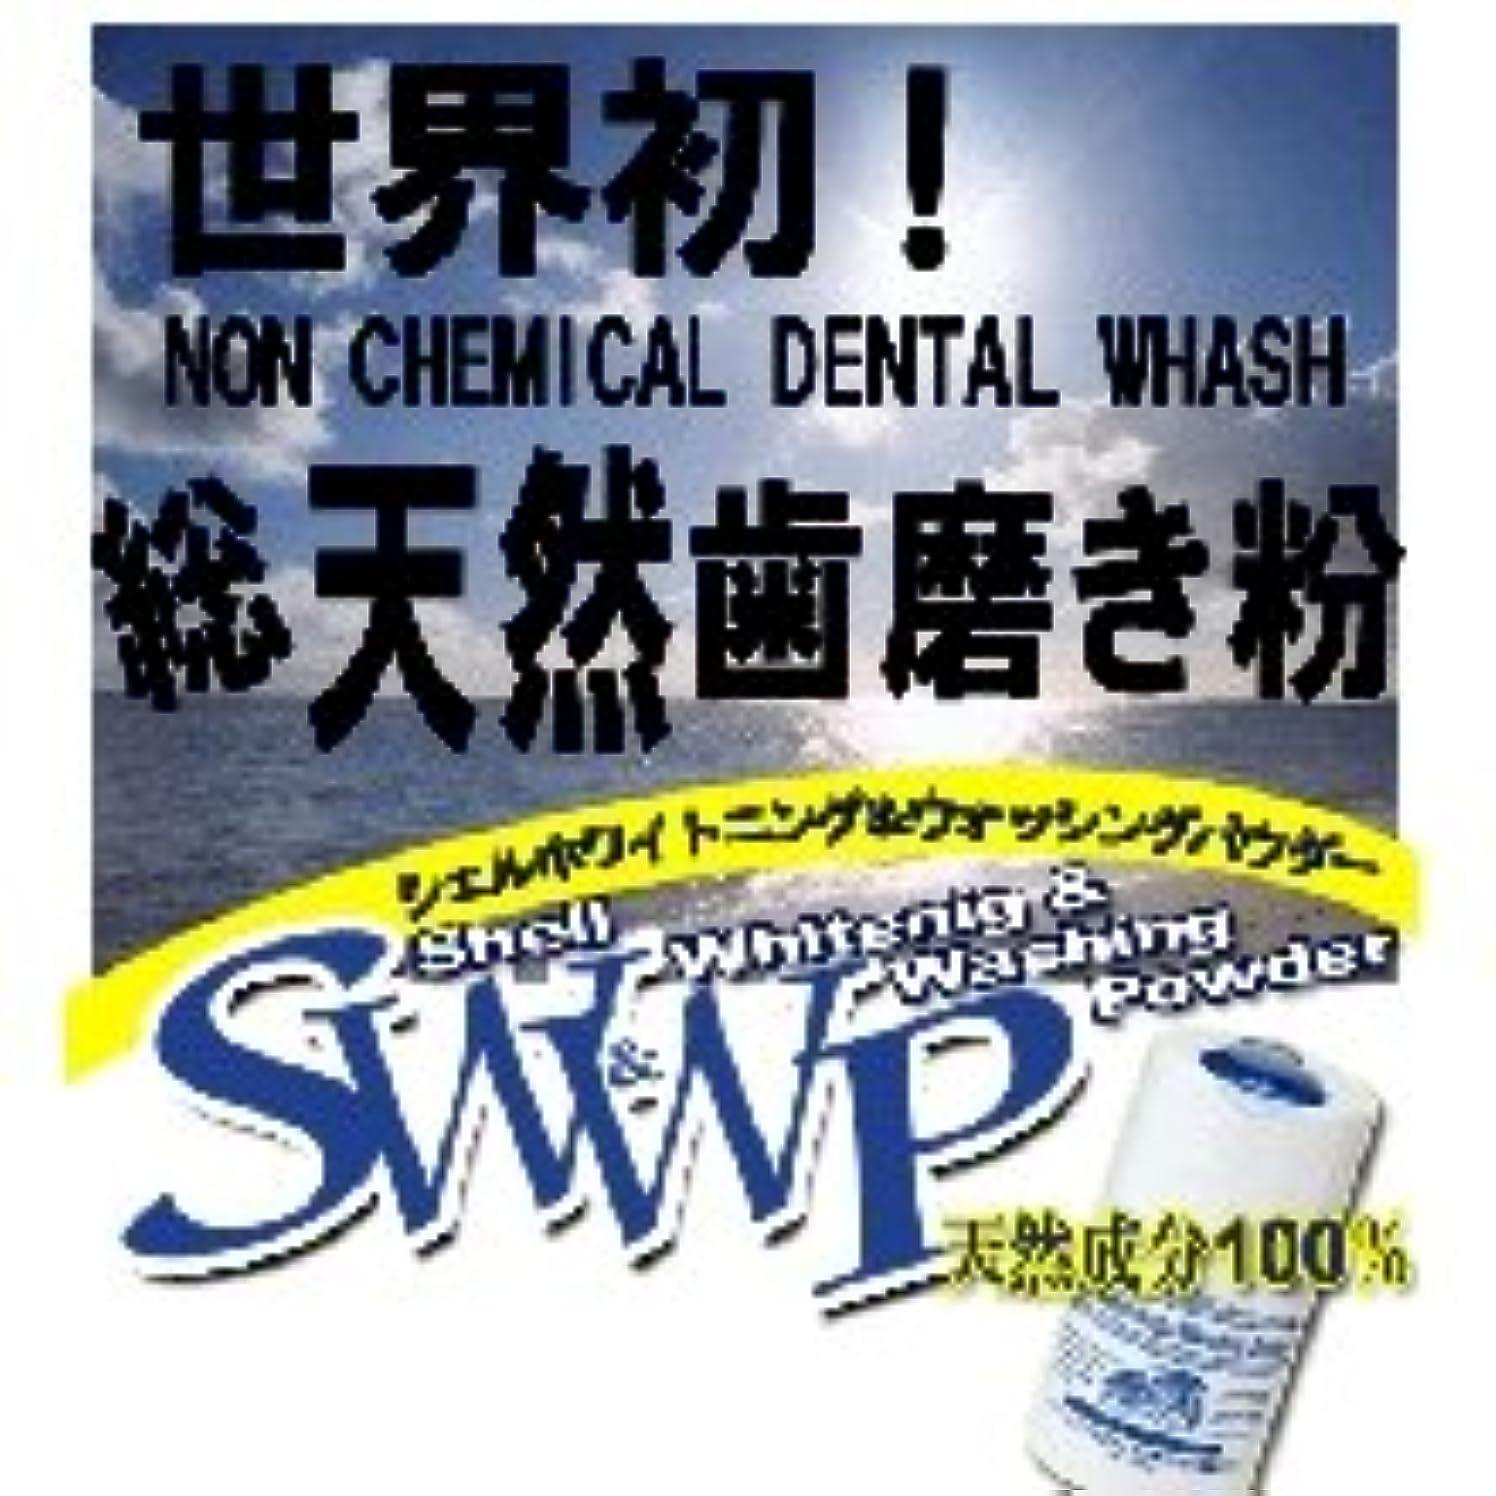 近代化落胆させる俳句Shell Whitening & Whashing Powder シェルホワイトニングパウダー